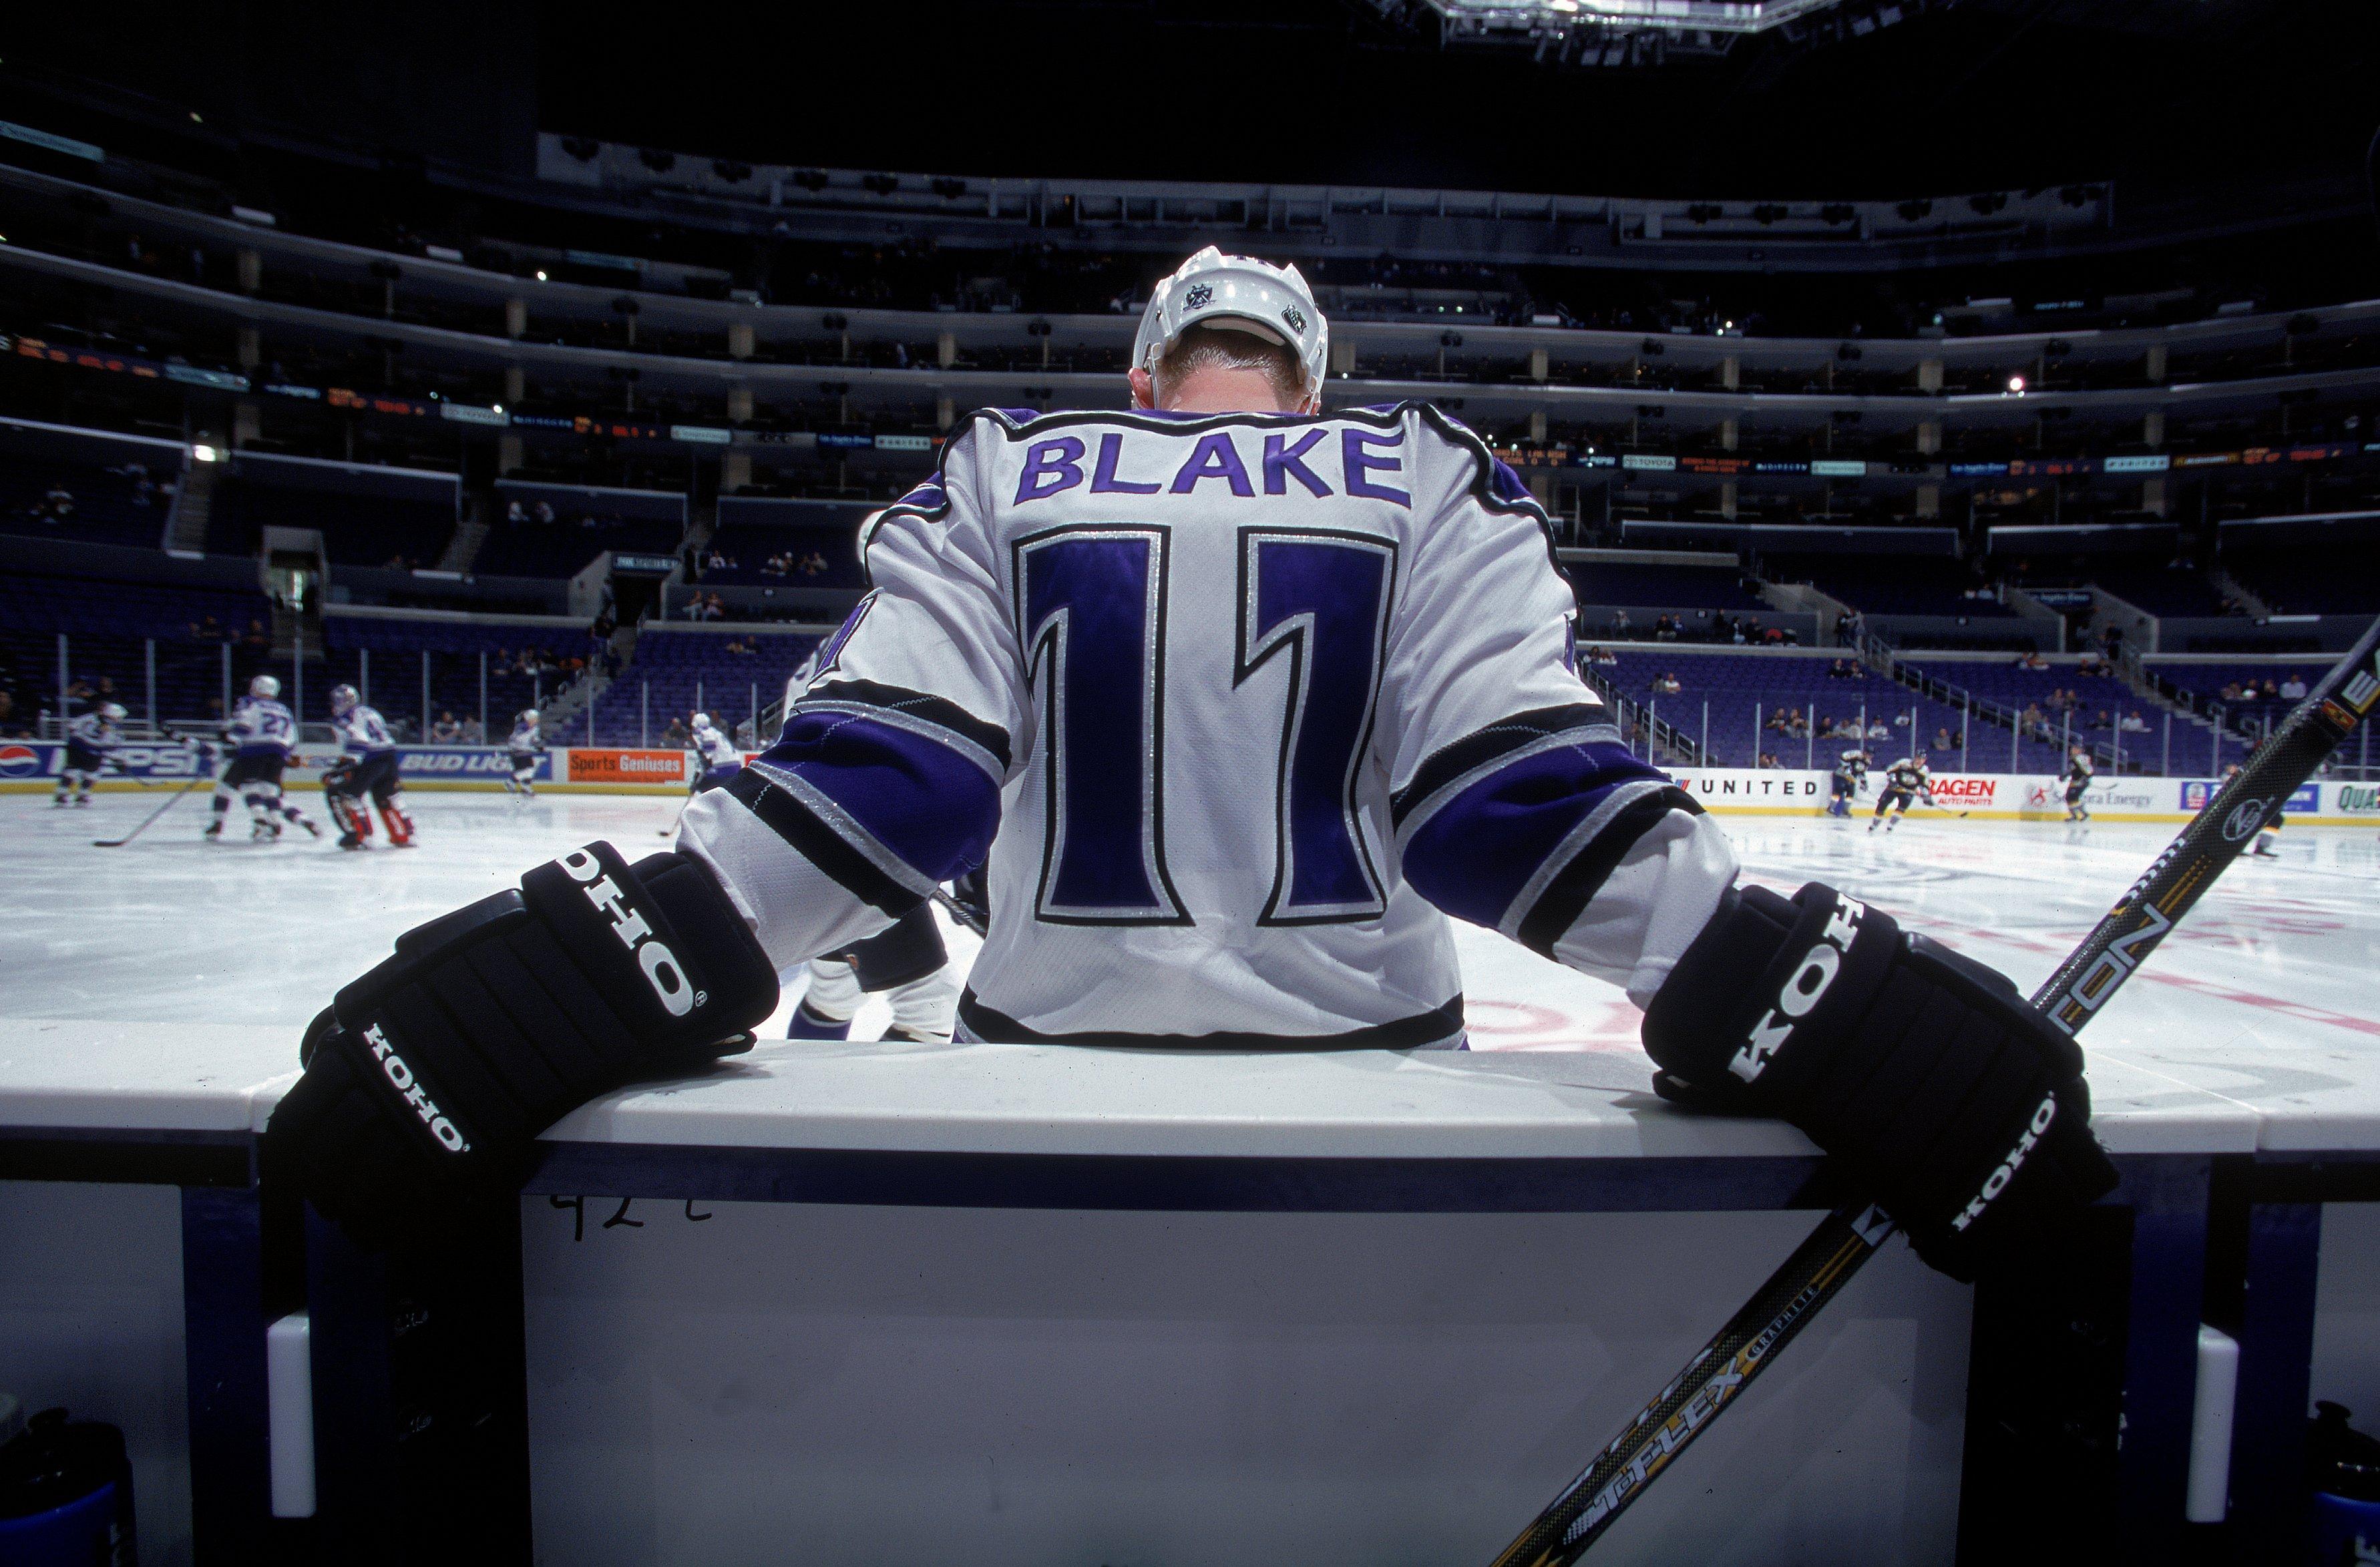 Jason Blake #11